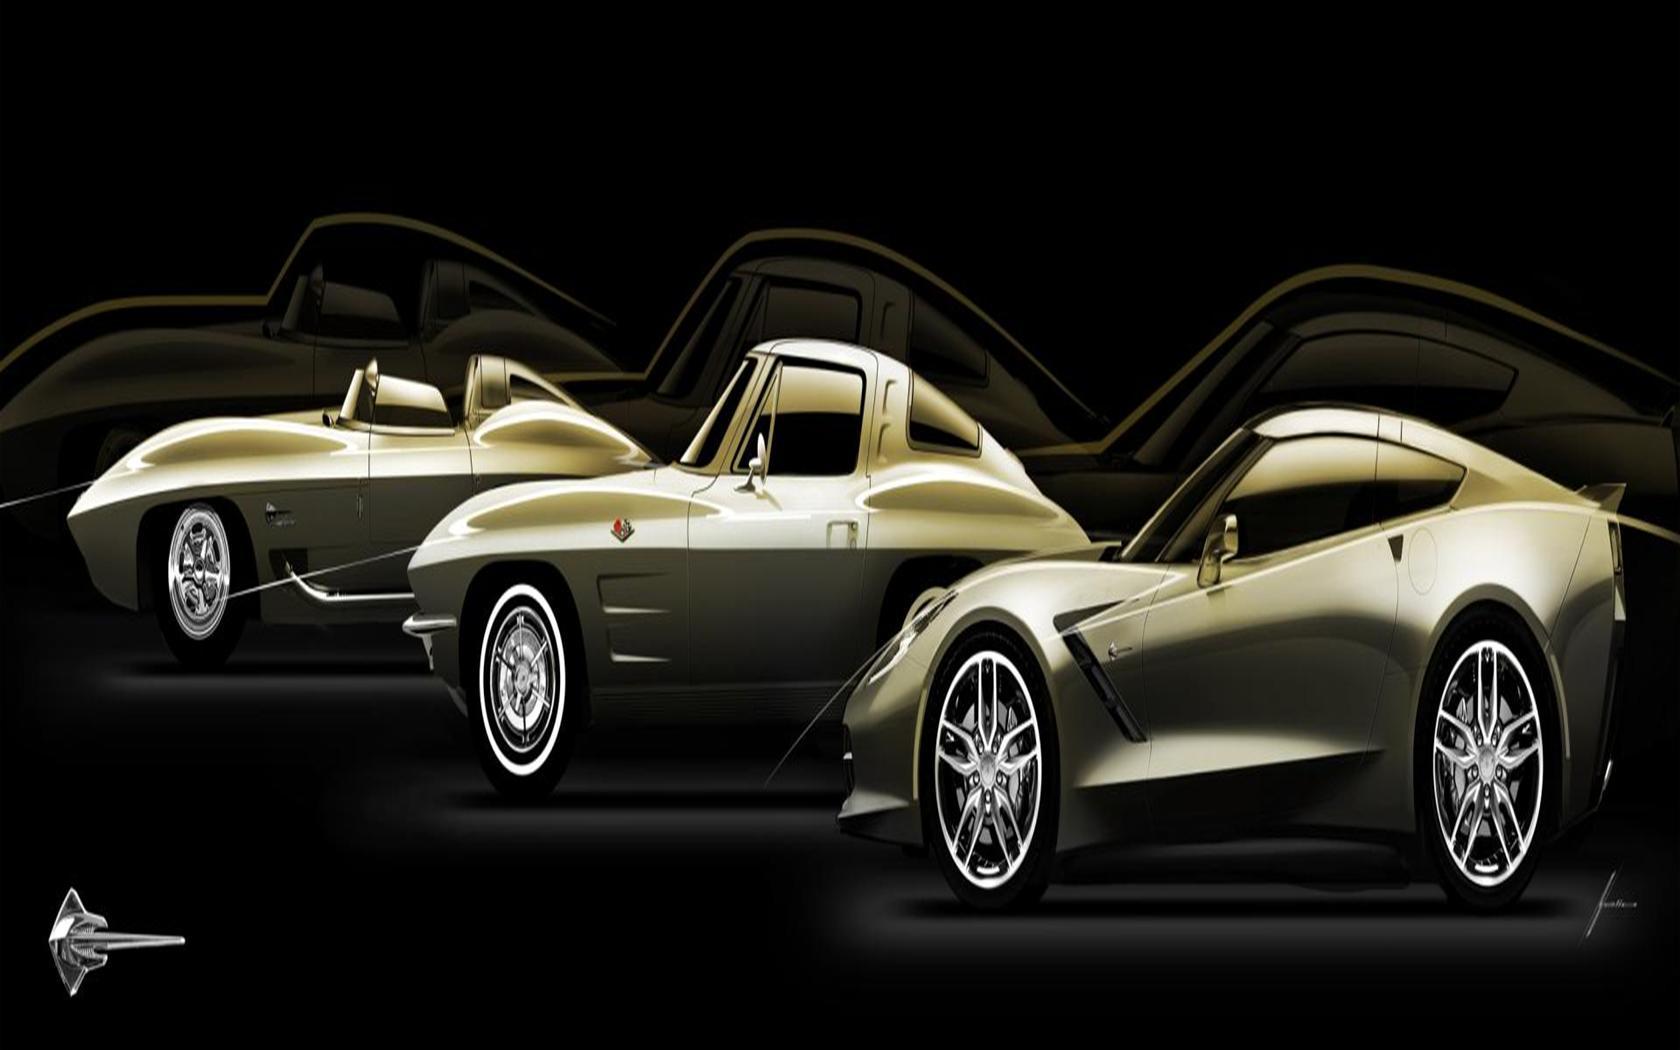 2014 Chevrolet Corvette Images. Photo: 2014-Chevy-Corvette-Image-015